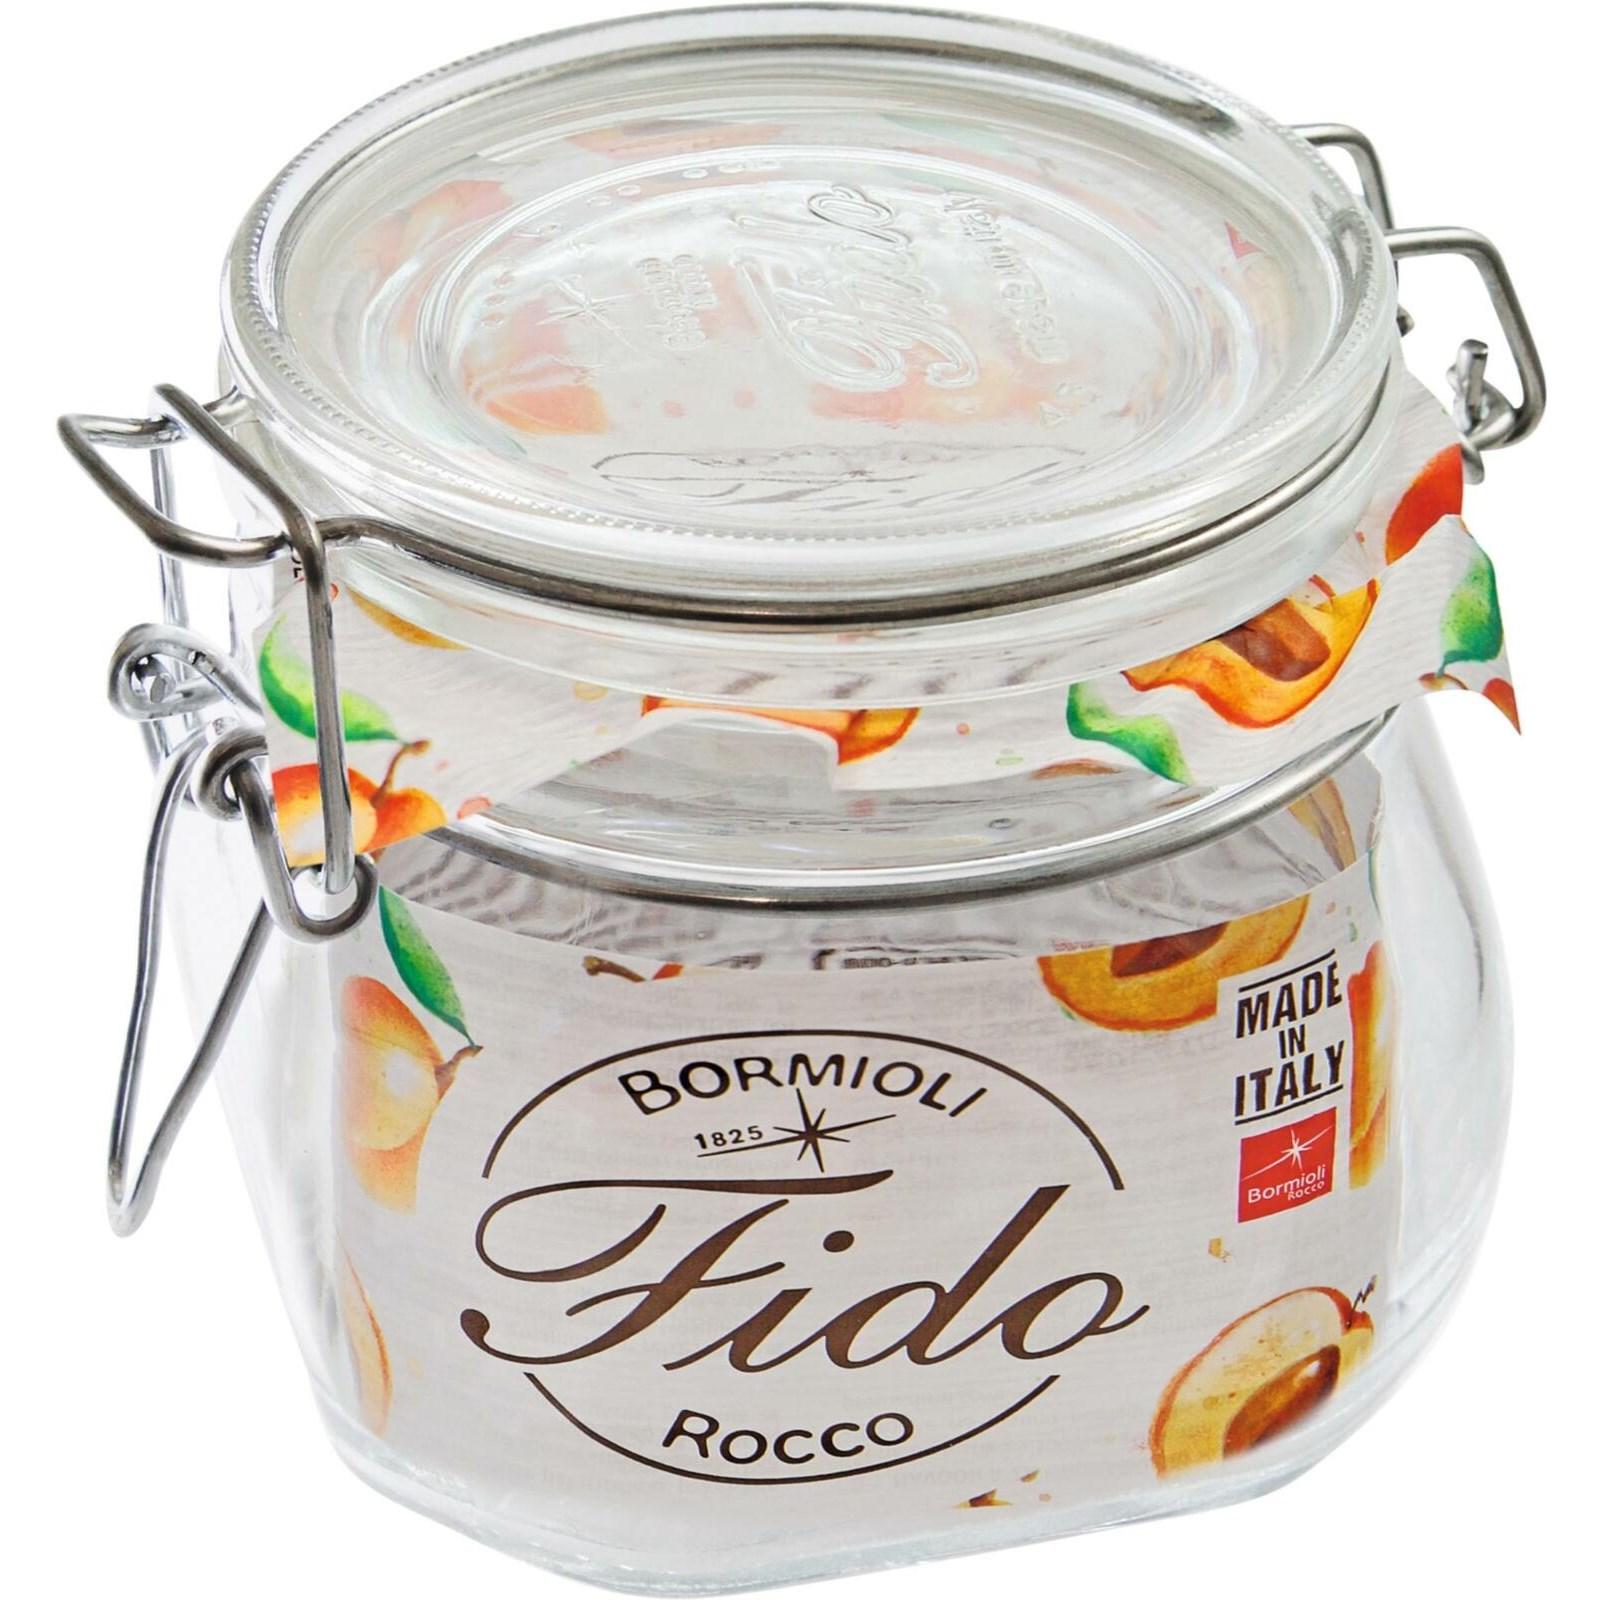 Einmachgläser 1 Liter : einmachglas fido 50 cl einmachen landi ~ Watch28wear.com Haus und Dekorationen